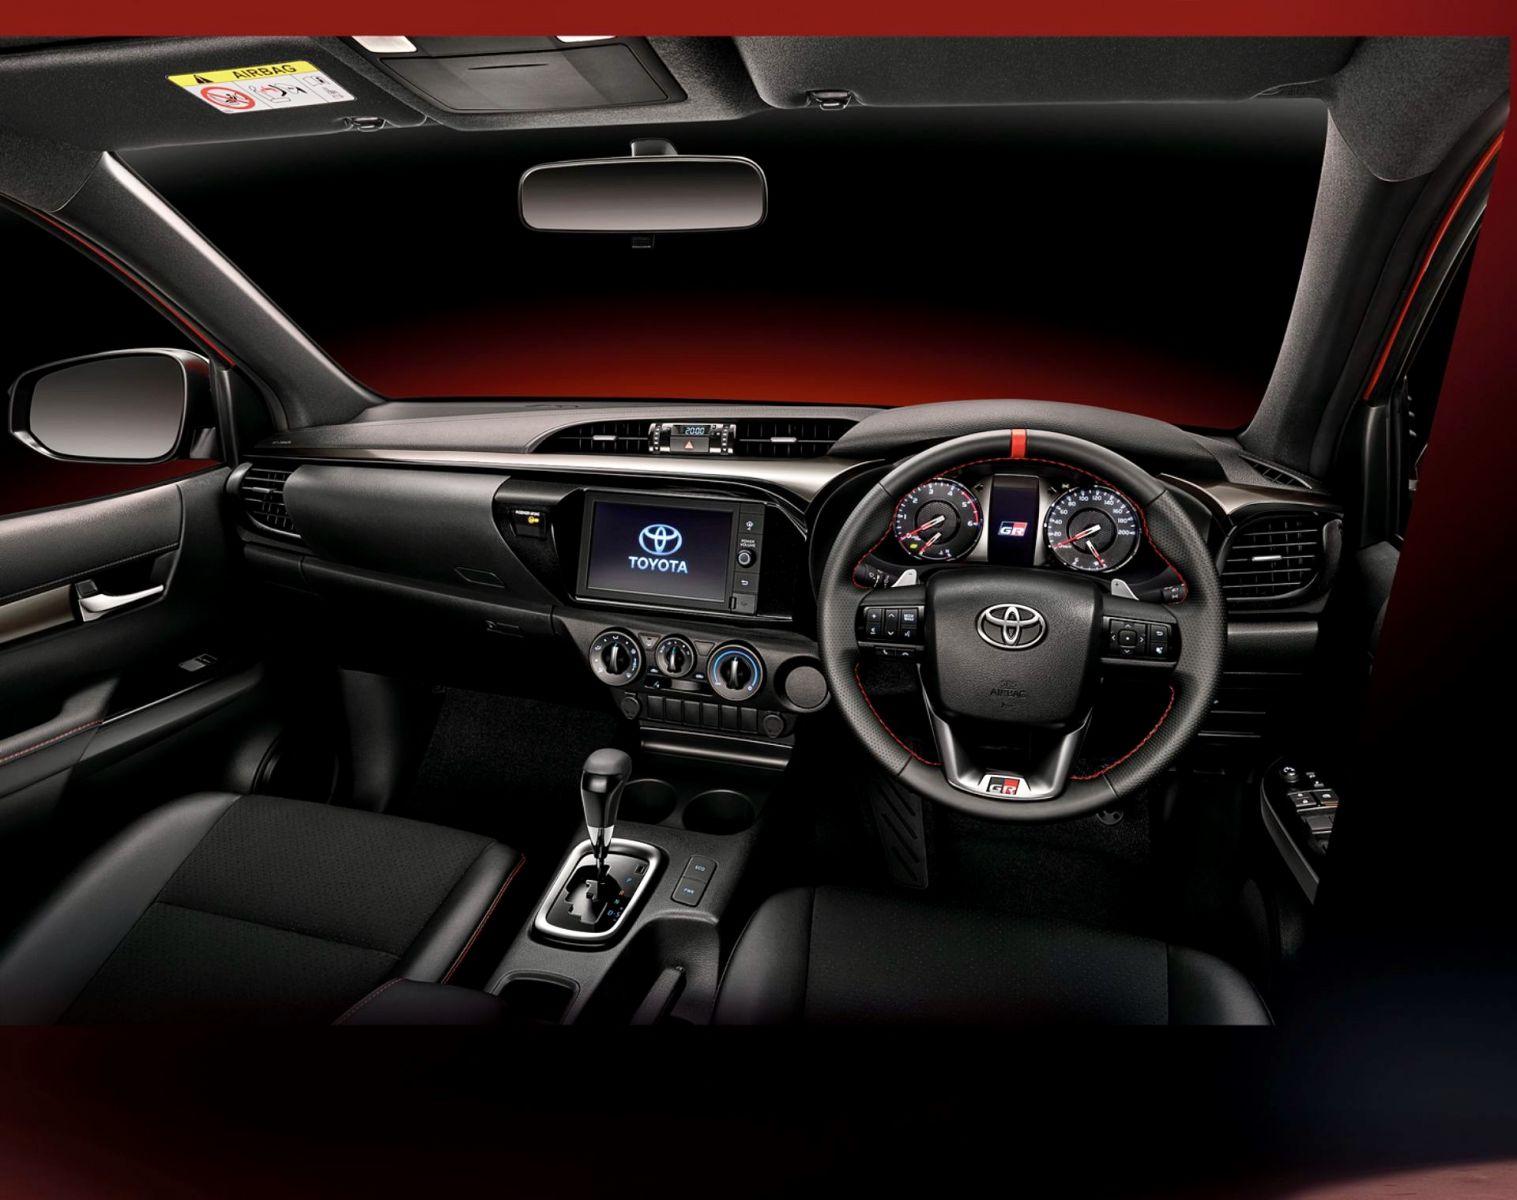 bảng điều khiển và vô lăng Hilux Revo GR Sport